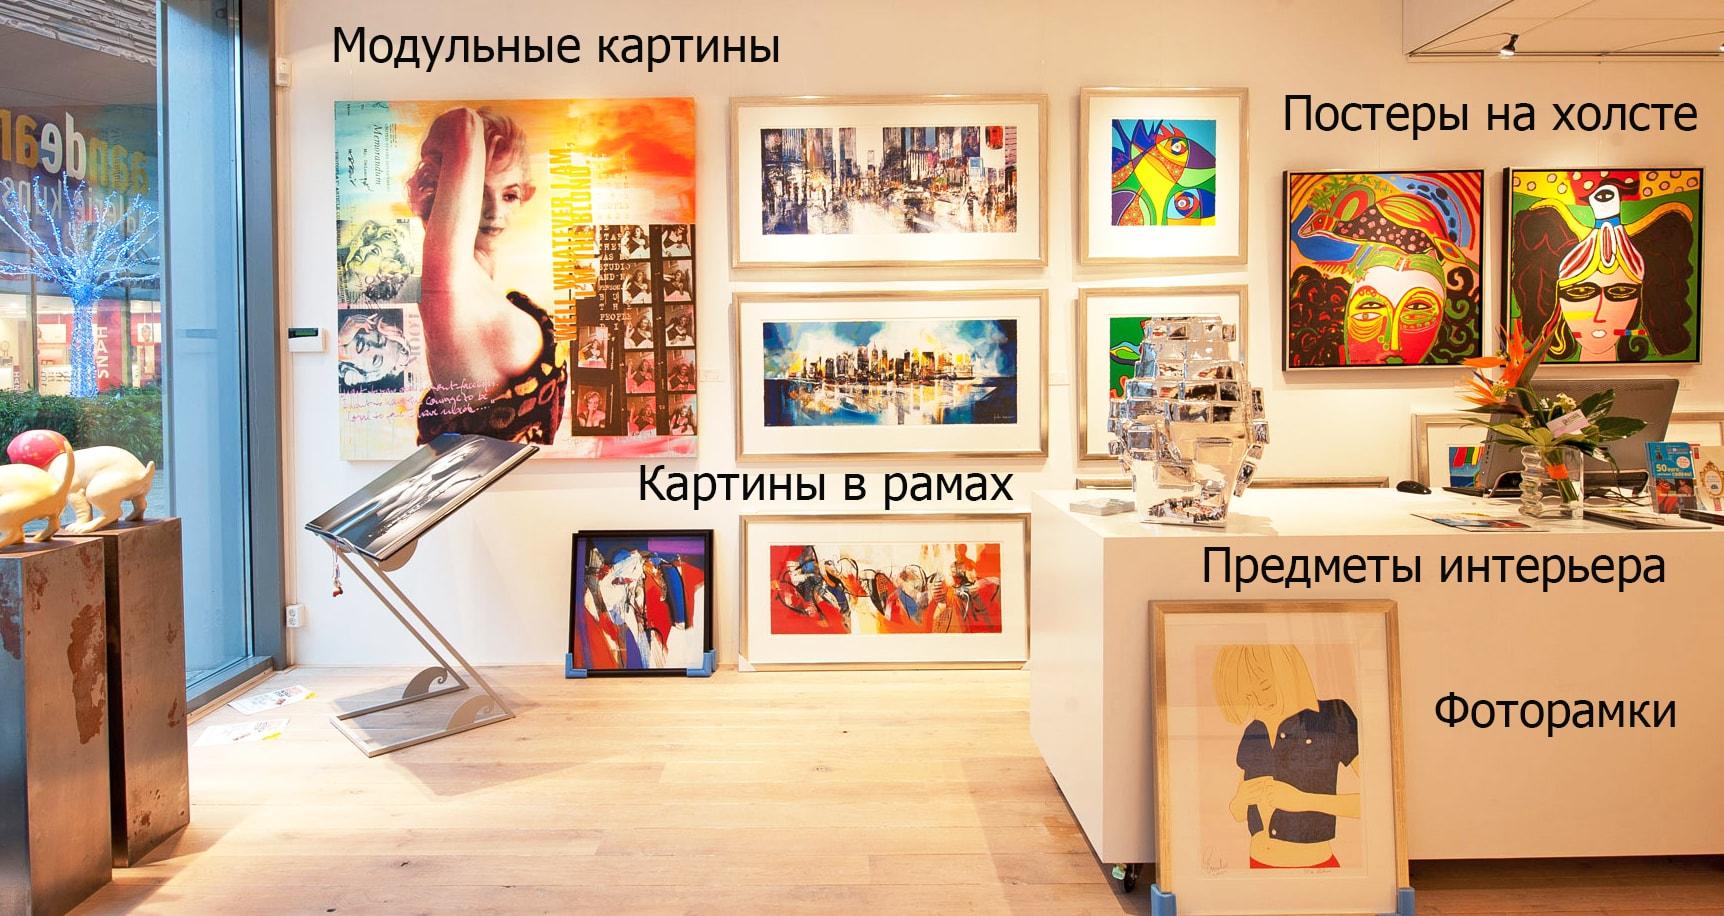 Интернет магазин картин, постеров и предметов интерьера